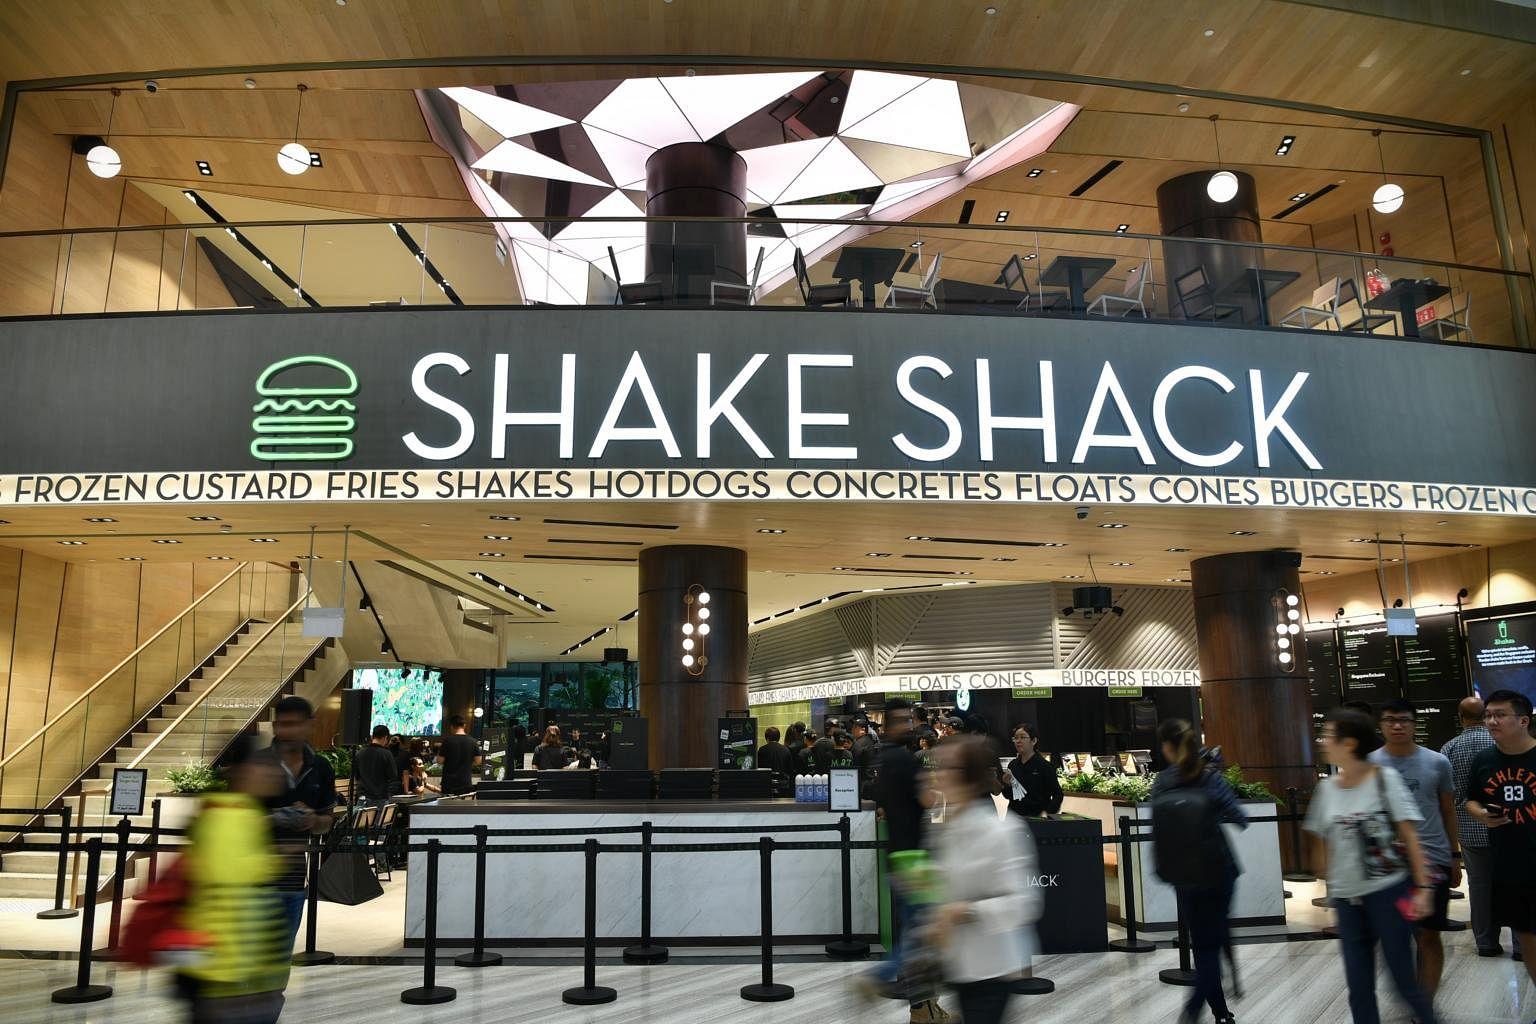 Snaking queue forms outside NY burger chain Shake Shack at